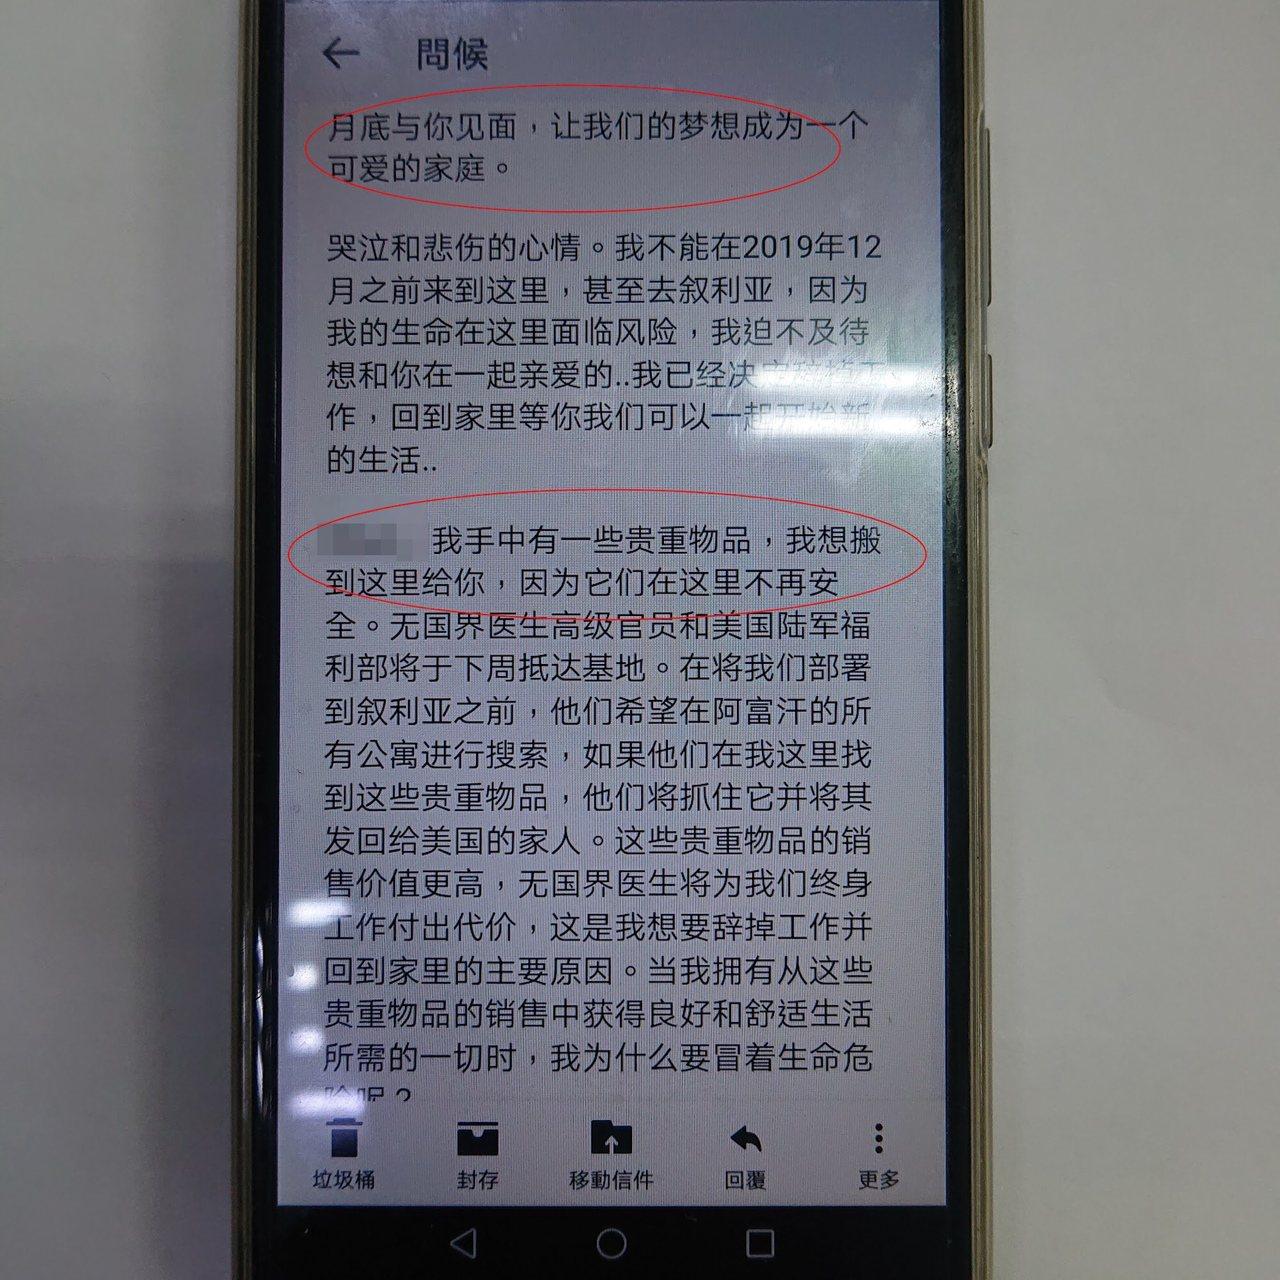 台中市林姓老翁在臉書中了詐騙集團陷阱,欲在15日匯款80餘萬元到歹徒帳戶內,歹徒...